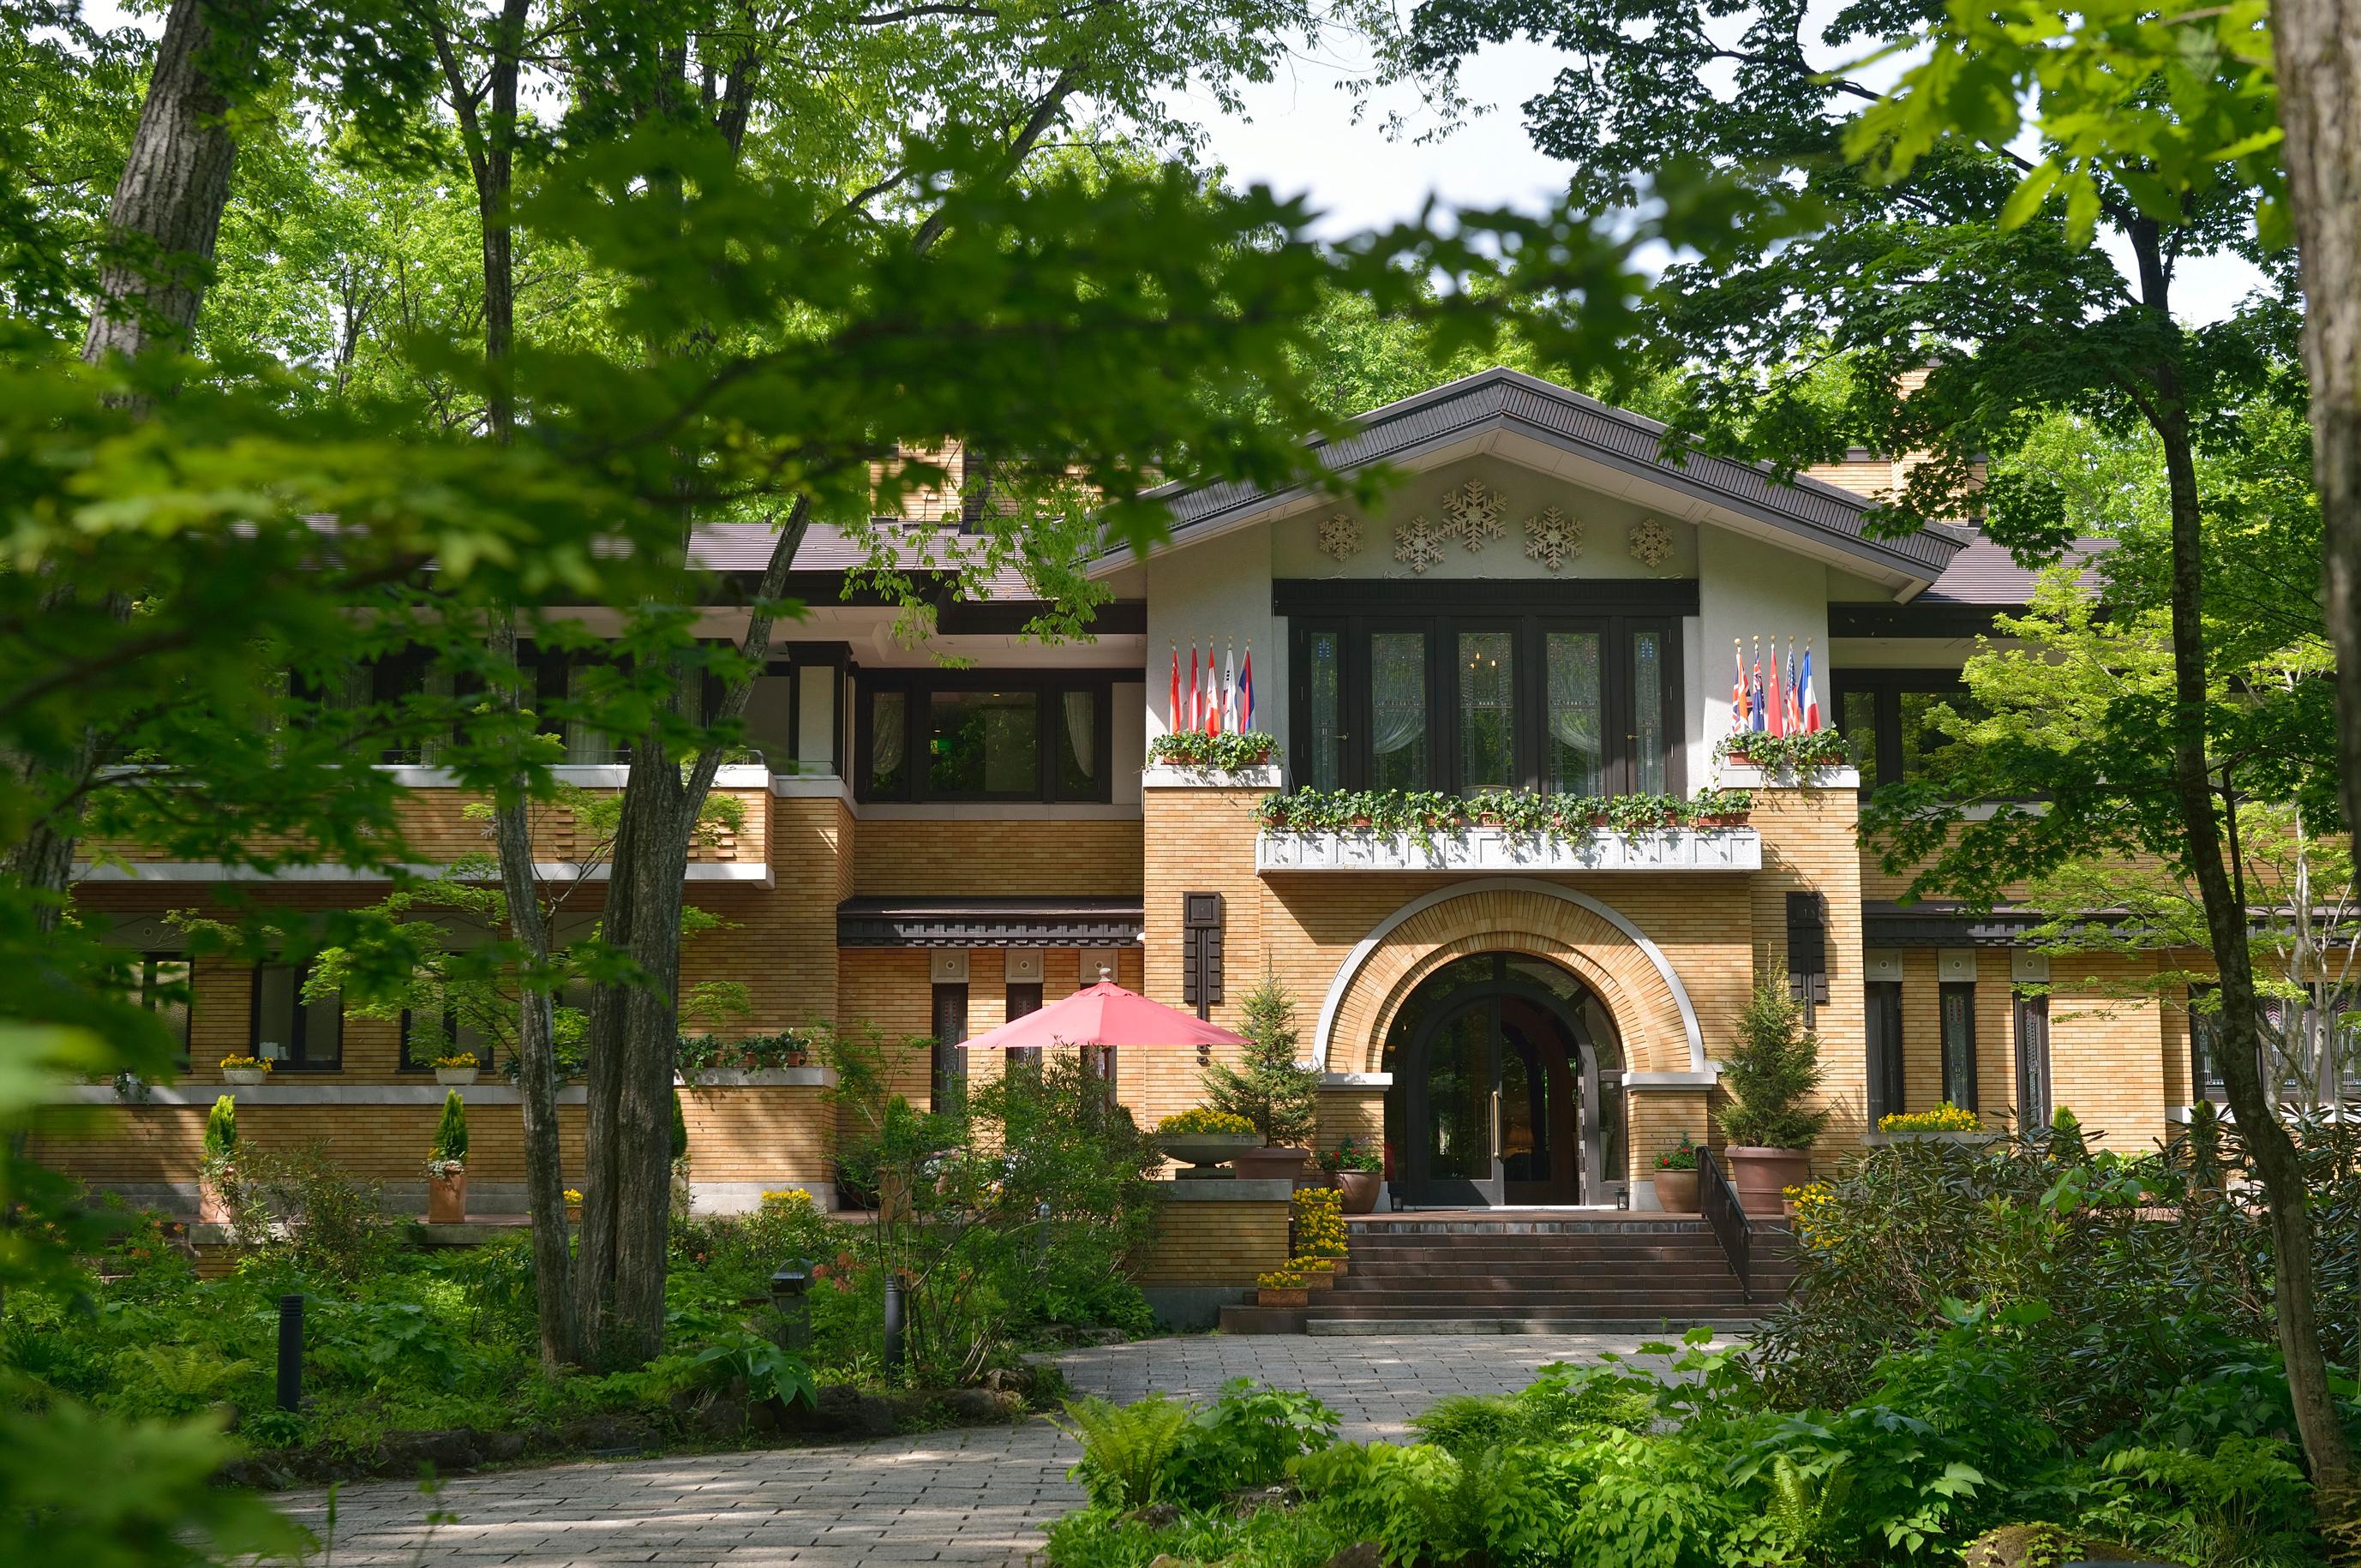 |白馬リゾートホテル<br> ラ ネージュ東館|<br>森の中に佇むホテルで<br>ワインのある極上の時間を